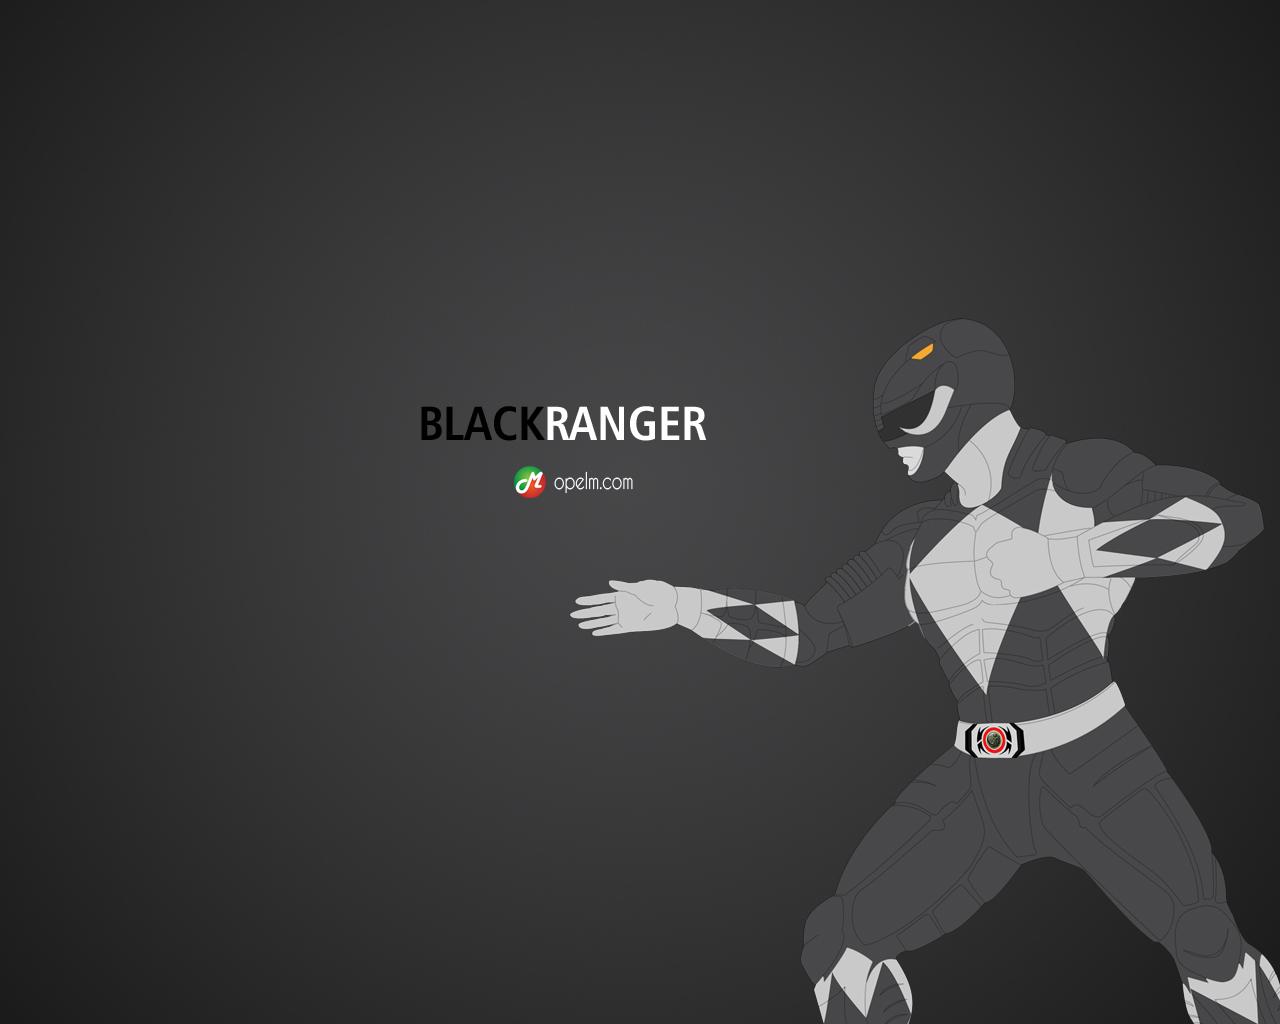 Black Ranger by Gourmandhast